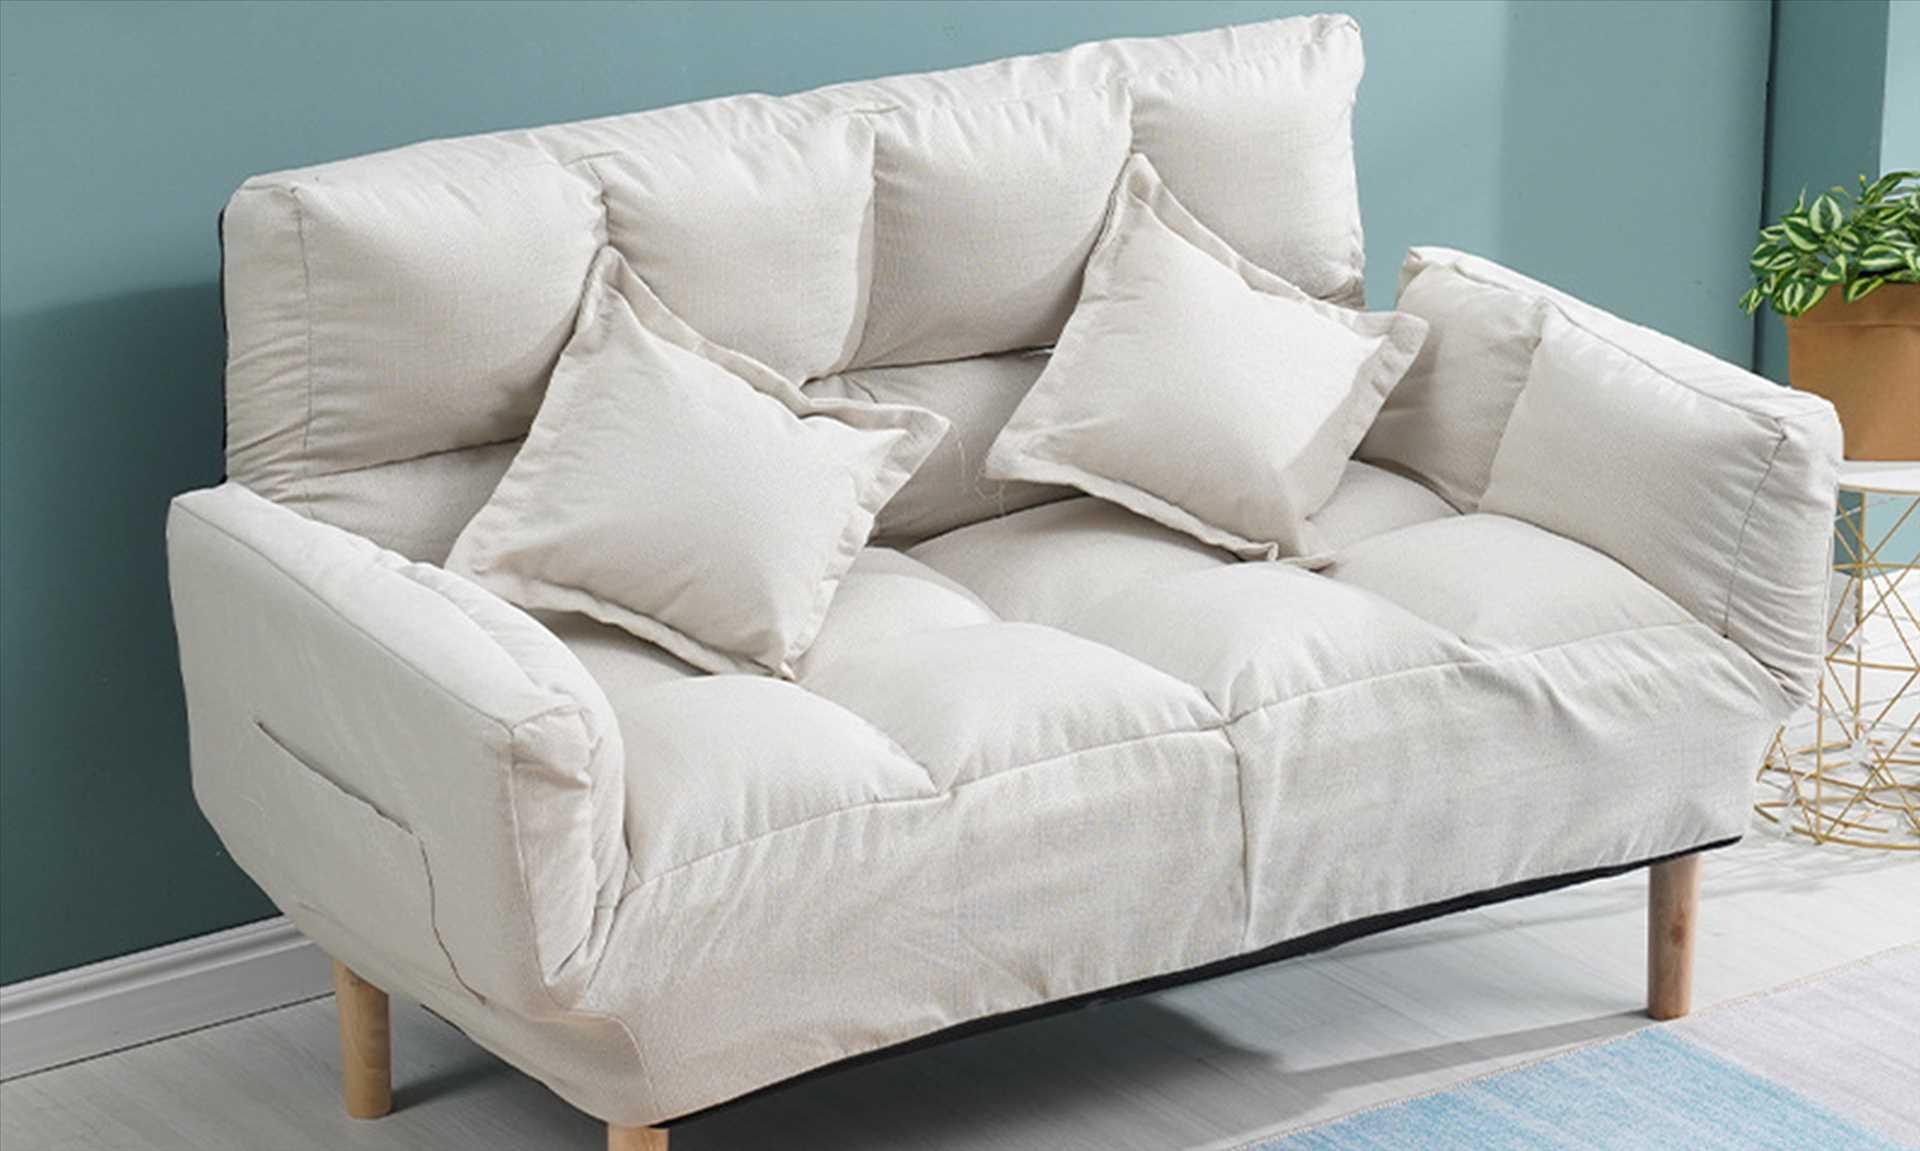 ספה זוגית דגם NEW BERRY צבע בז' מבית MY CASA - תמונה 4